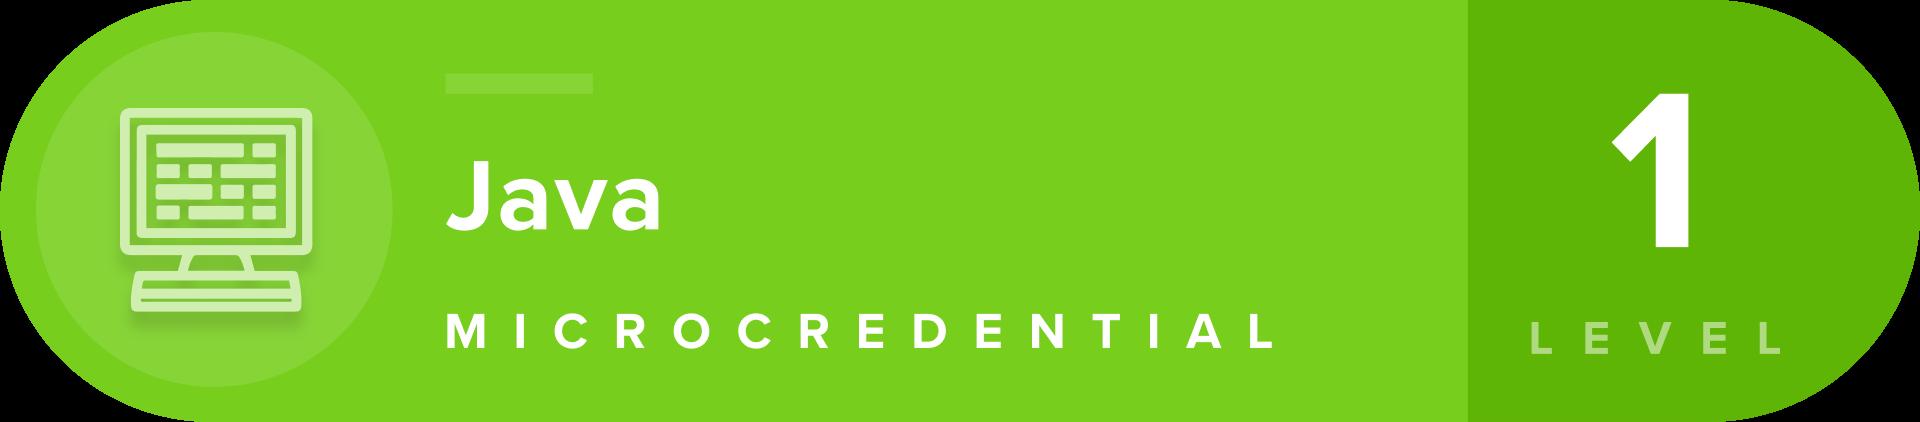 Java microcredentials lavel 1 badge